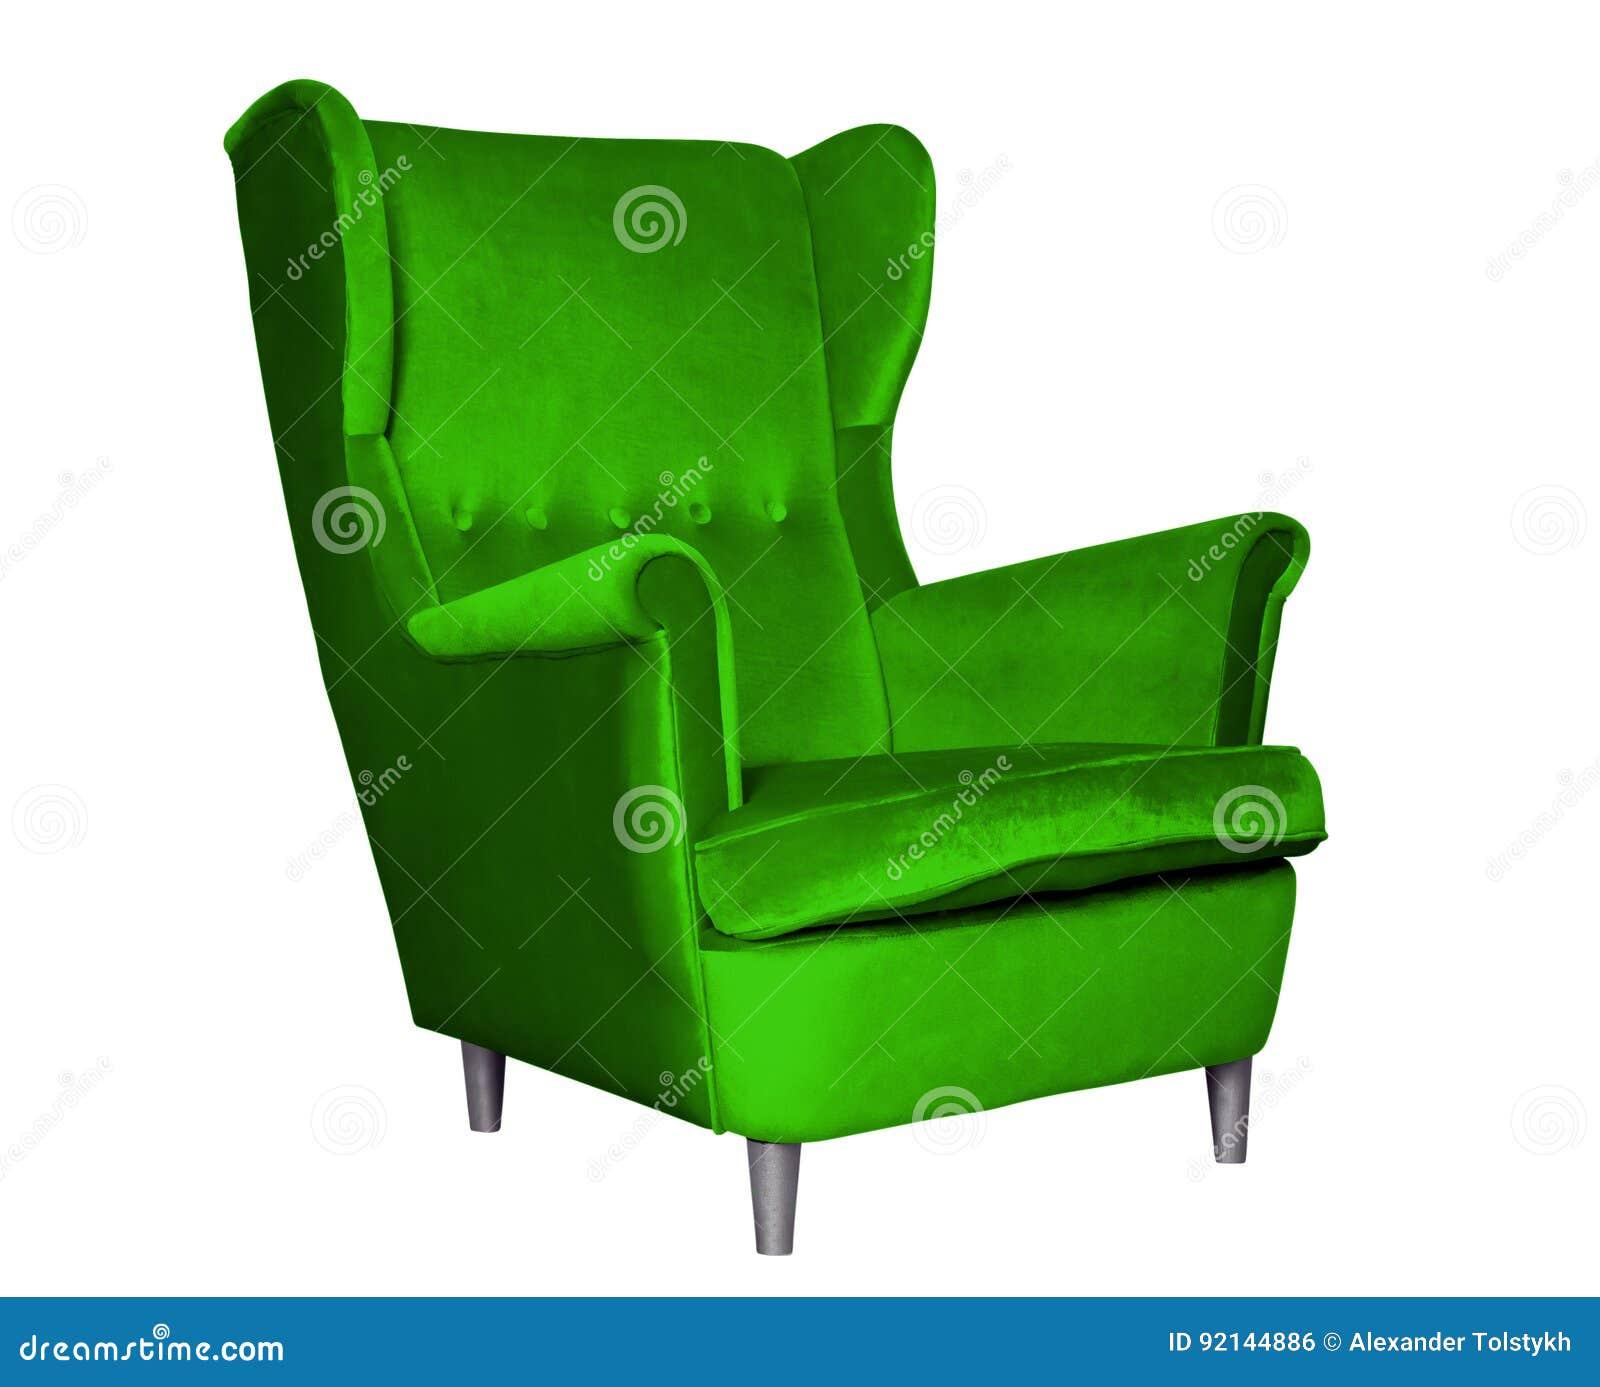 Grüner Stockfoto Textilklassischer Bild von Stuhl getrennt rxQBeWCodE